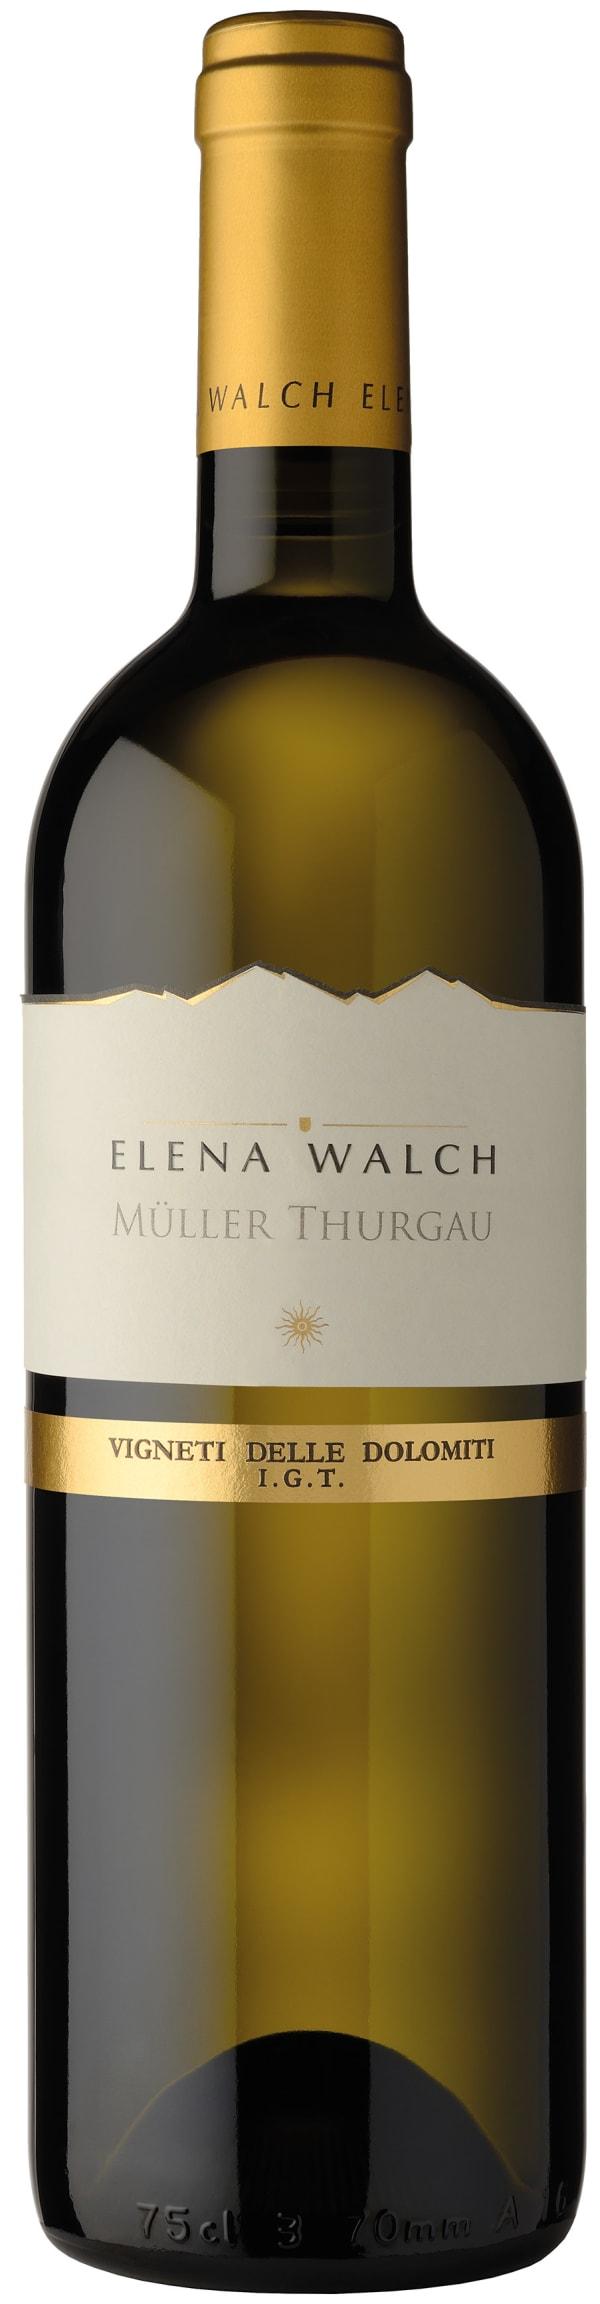 Elena Walch Müller Thurgau 2014